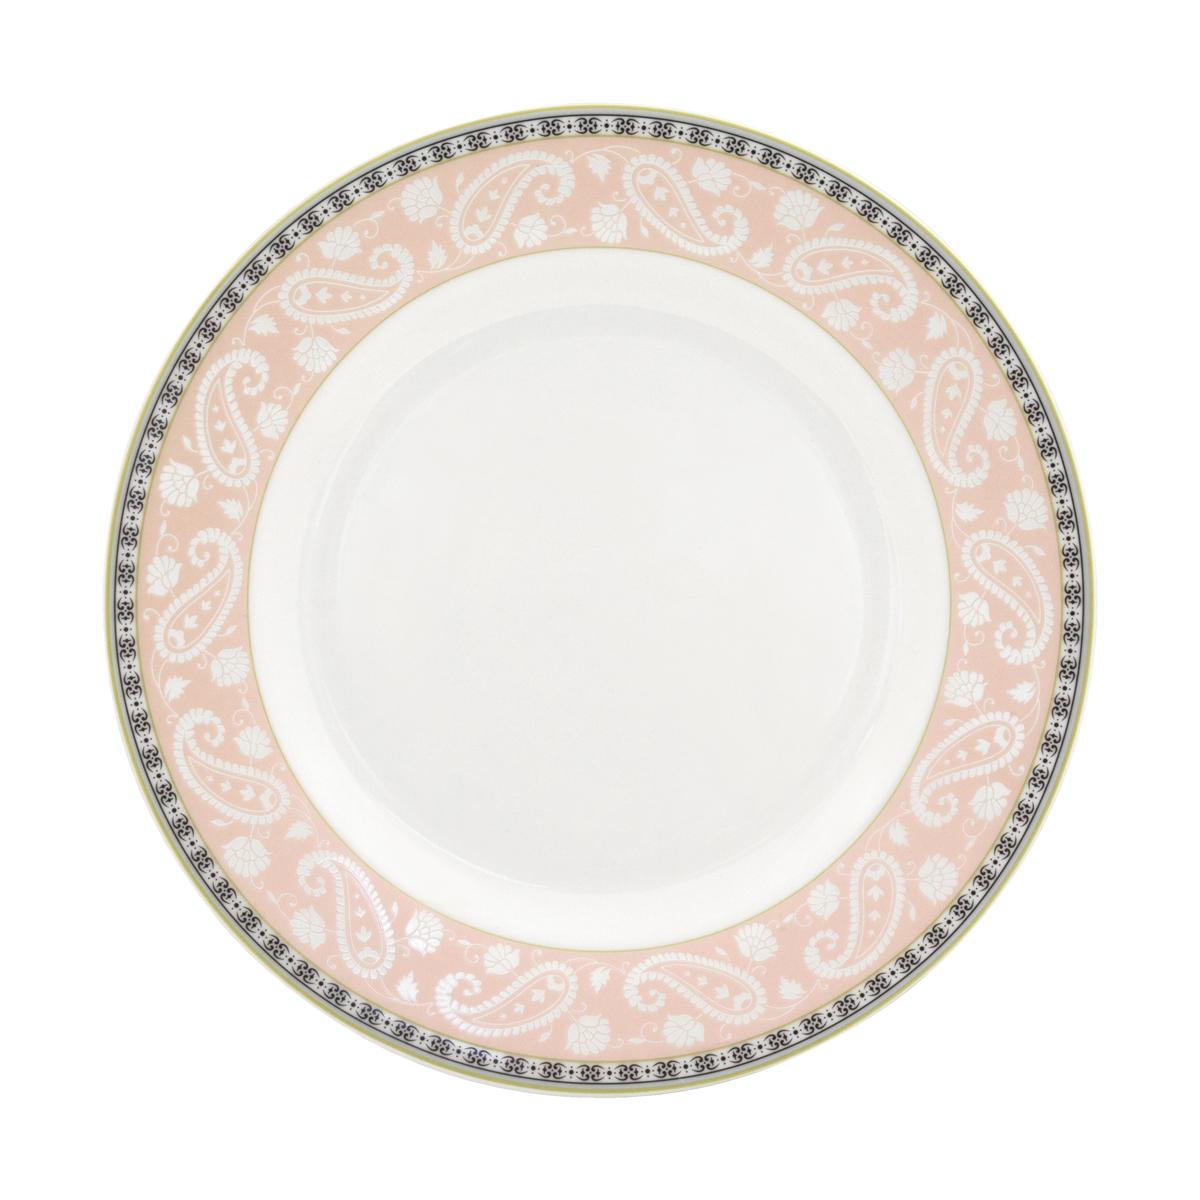 Набор суповых тарелок Esprado Arista Rose, диаметр 23 см, 6 штARR023RE301Набор Esprado Arista Rose состоит из шести суповых тарелок, выполненных из высококачественного костяного фарфора. Над созданием дизайна коллекций посуды из фарфора Esprado работает международная команда высококлассных дизайнеров, не только воплощающих в жизнь все новейшие тренды, но также и придерживающихся многовековых традиций при создании классических коллекций. Посуда из костяного фарфора будет идеальным выбором, для тех, кто предпочитает красивую современную посуду из высококачественного материала, которая отличается высокой прочностью и подходит для ежедневного использования. Посуда из коллекции Arista Rose прекрасно подойдет для уютного домашнего ужина, придав ему легкий оттенок торжественности. Тонкий огуречный узор в сочетании с нежным розовым цветом создает ощущение мягкости и тепла. Можно использовать в микроволновки печи и мыть в посудомоечной машине.